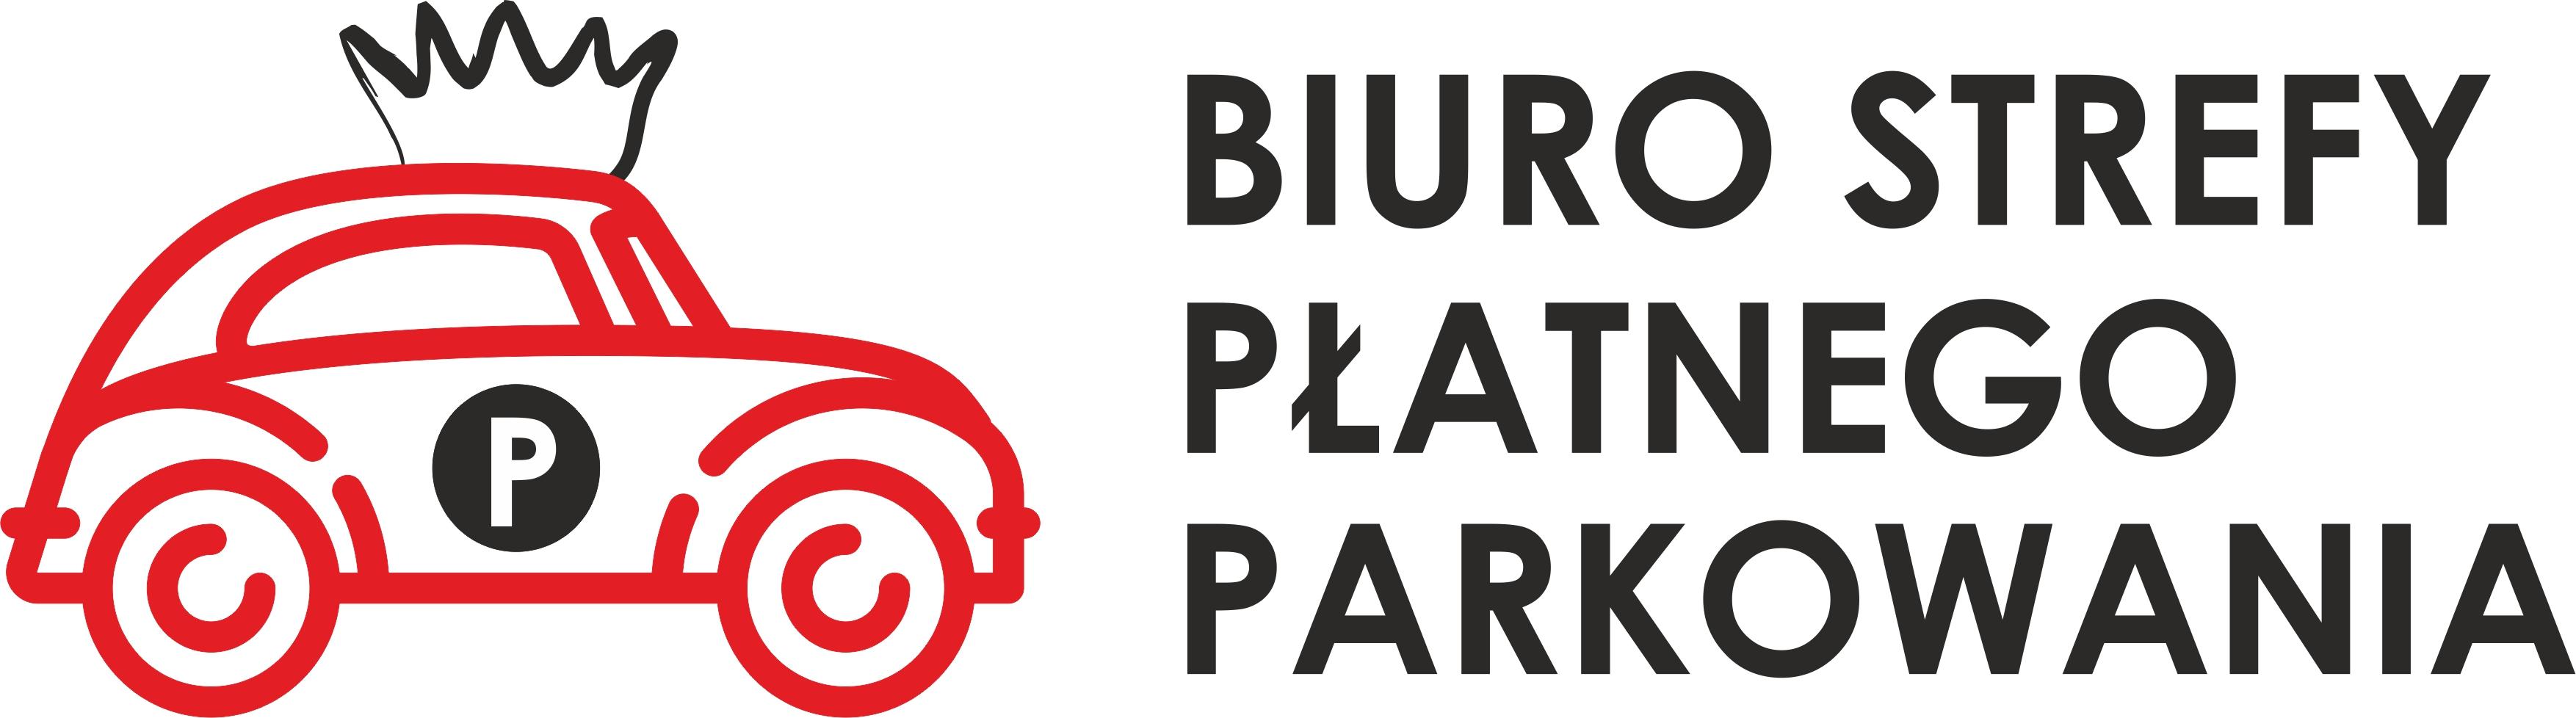 Biuro Strefy Płatnego Parkowania w Gnieźnie